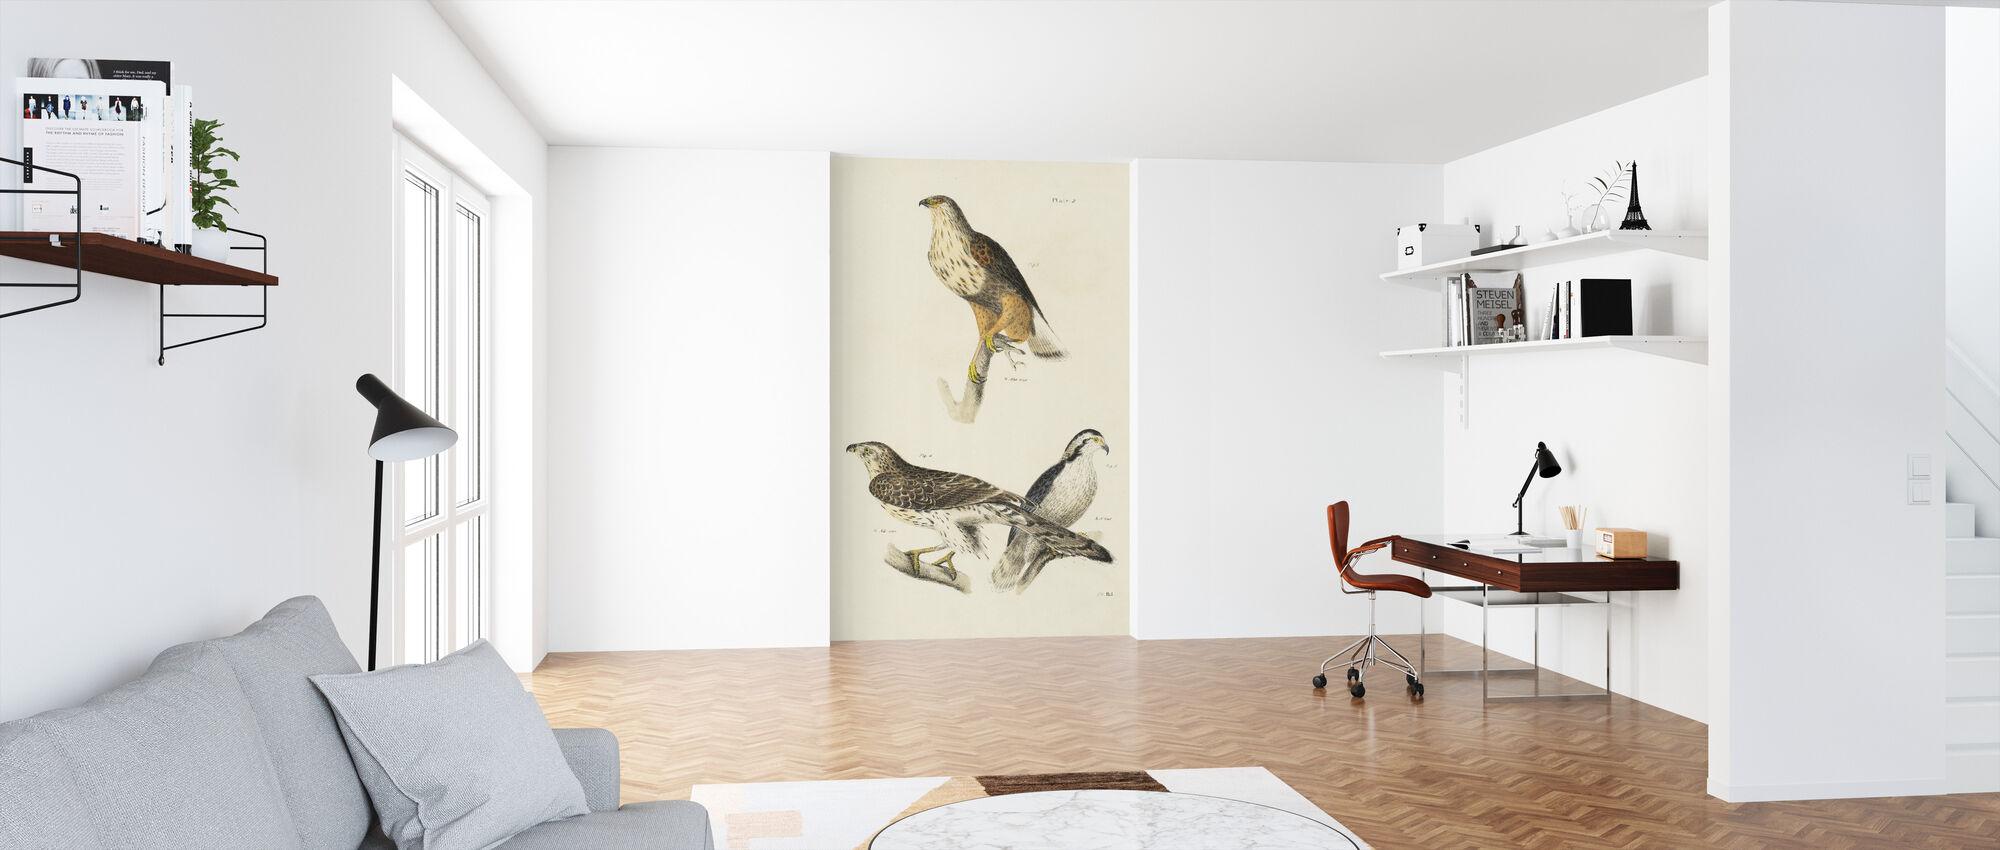 Birds of Prey II - Wallpaper - Office